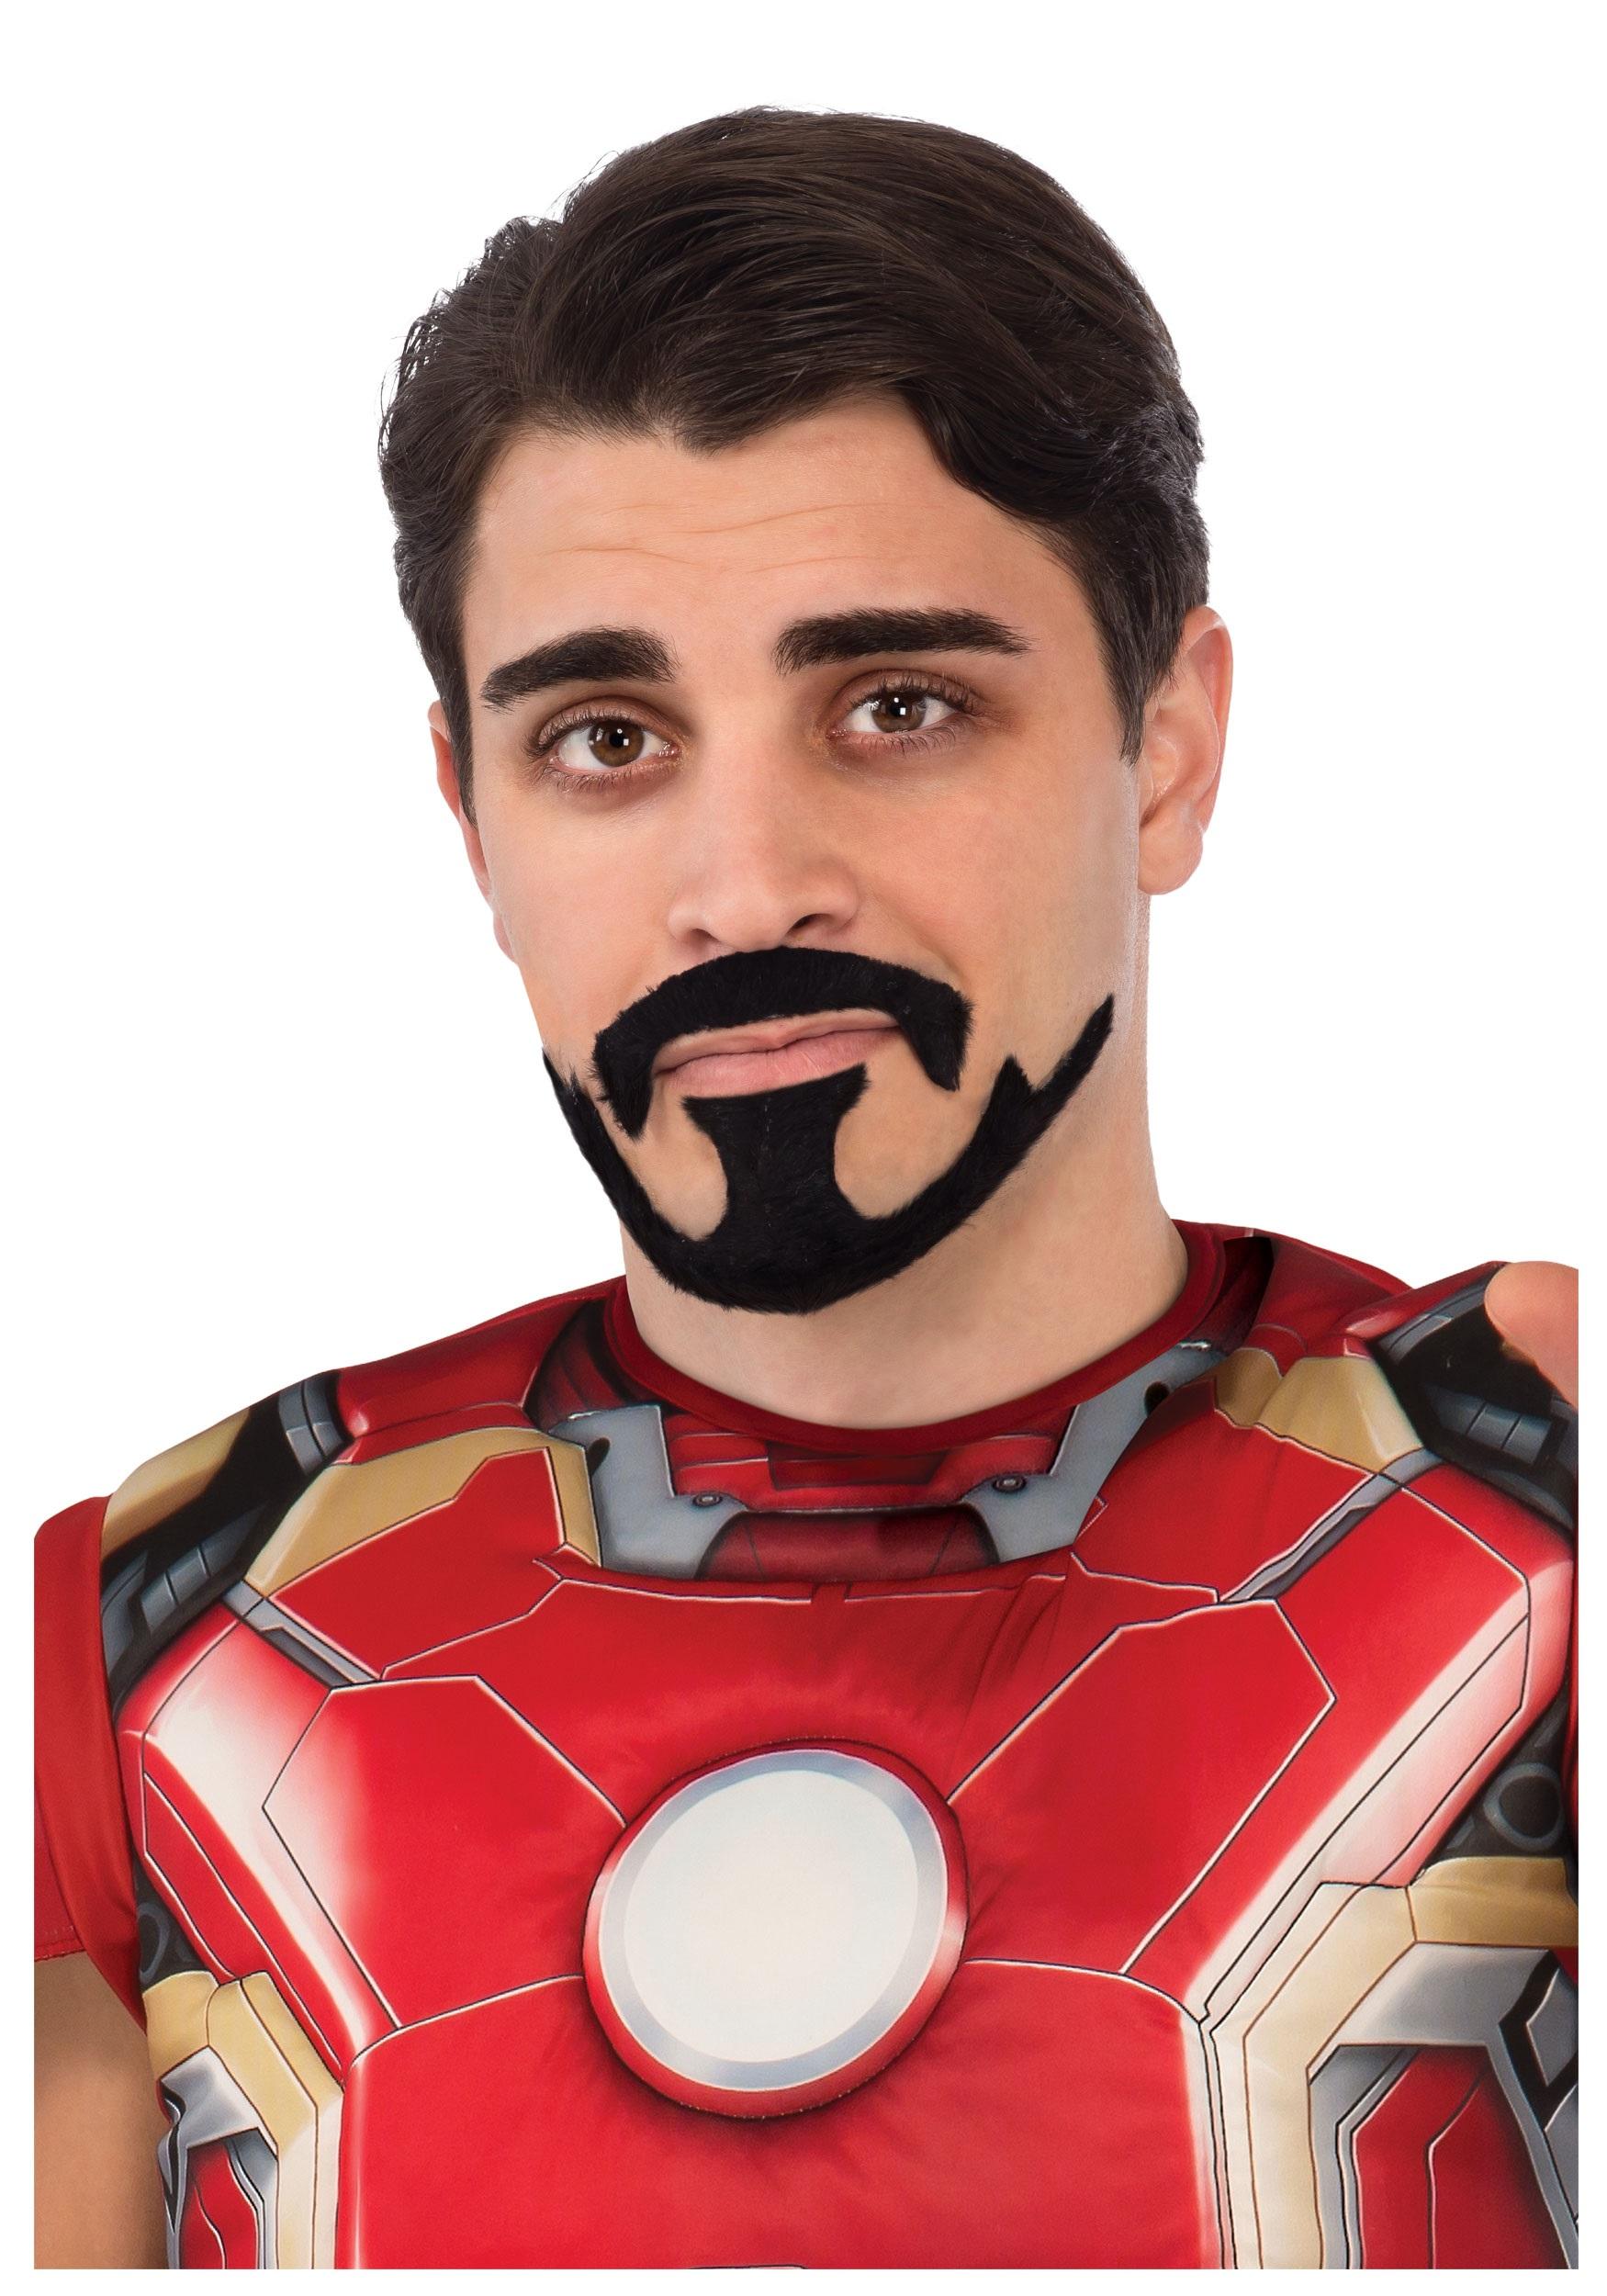 Tony Stark Halloween Costume.Tony Stark Iron Man Mustache Goatee